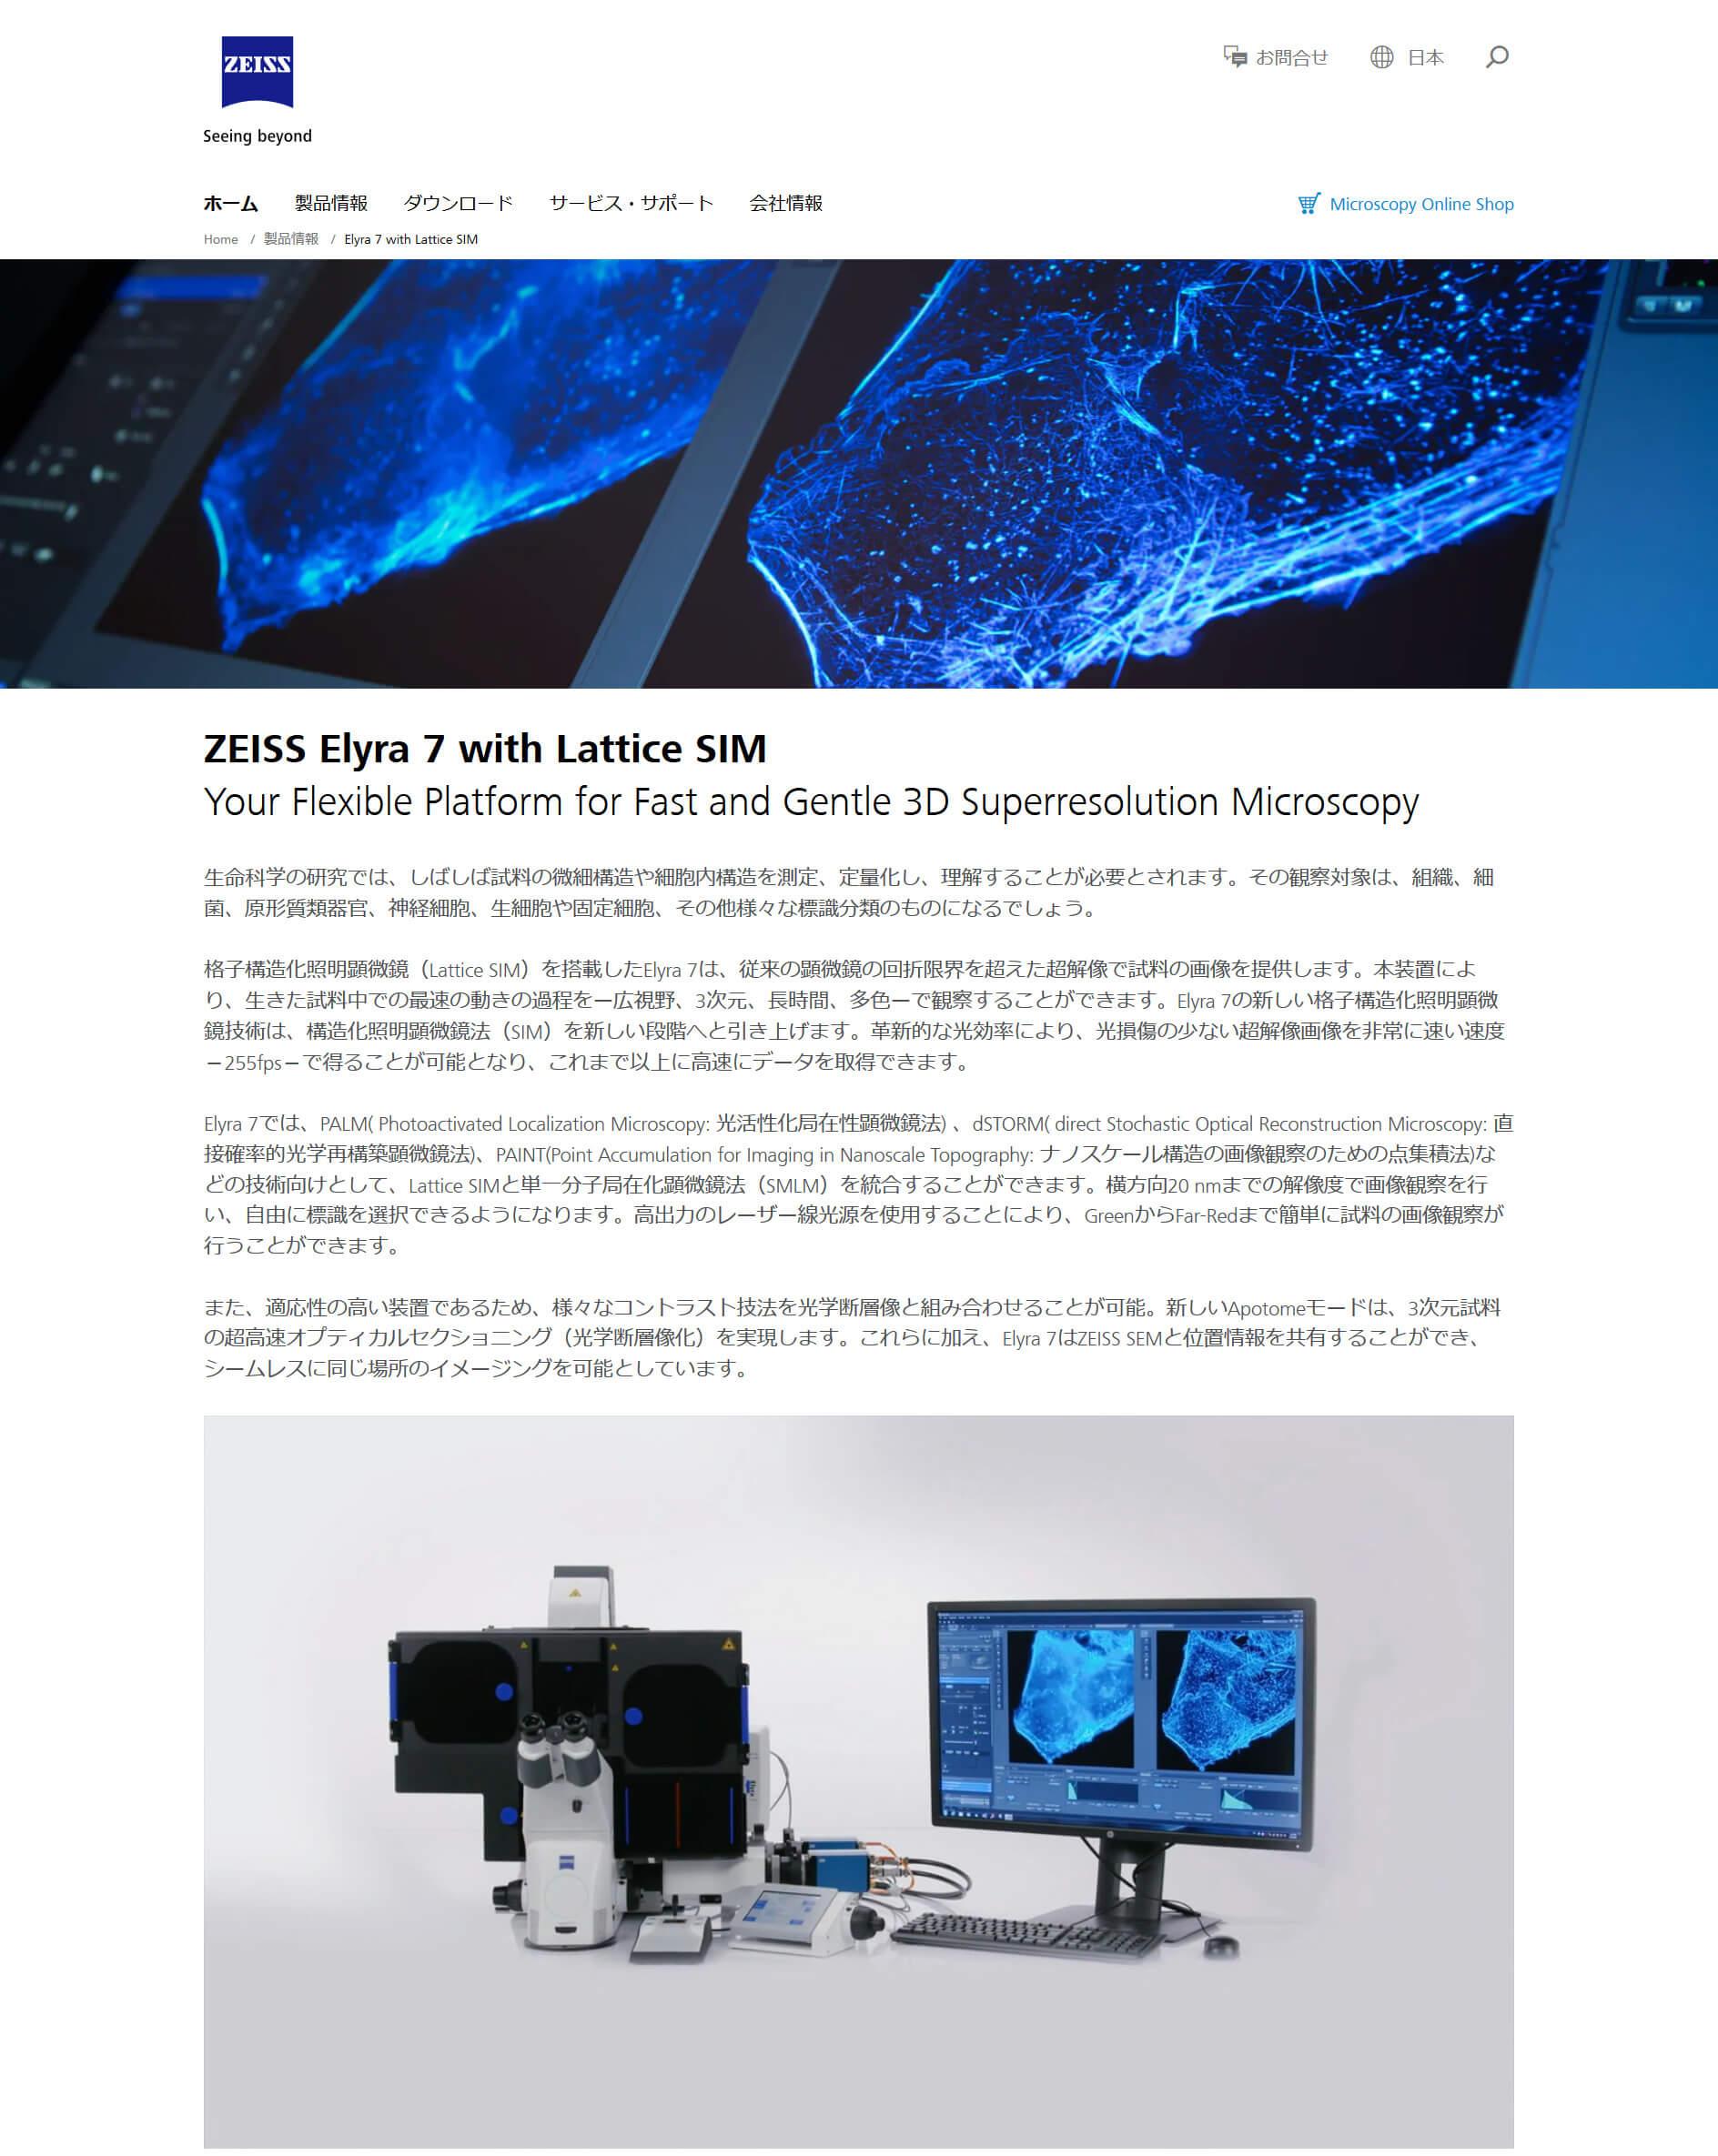 3D超解像顕微鏡システム ELYRA